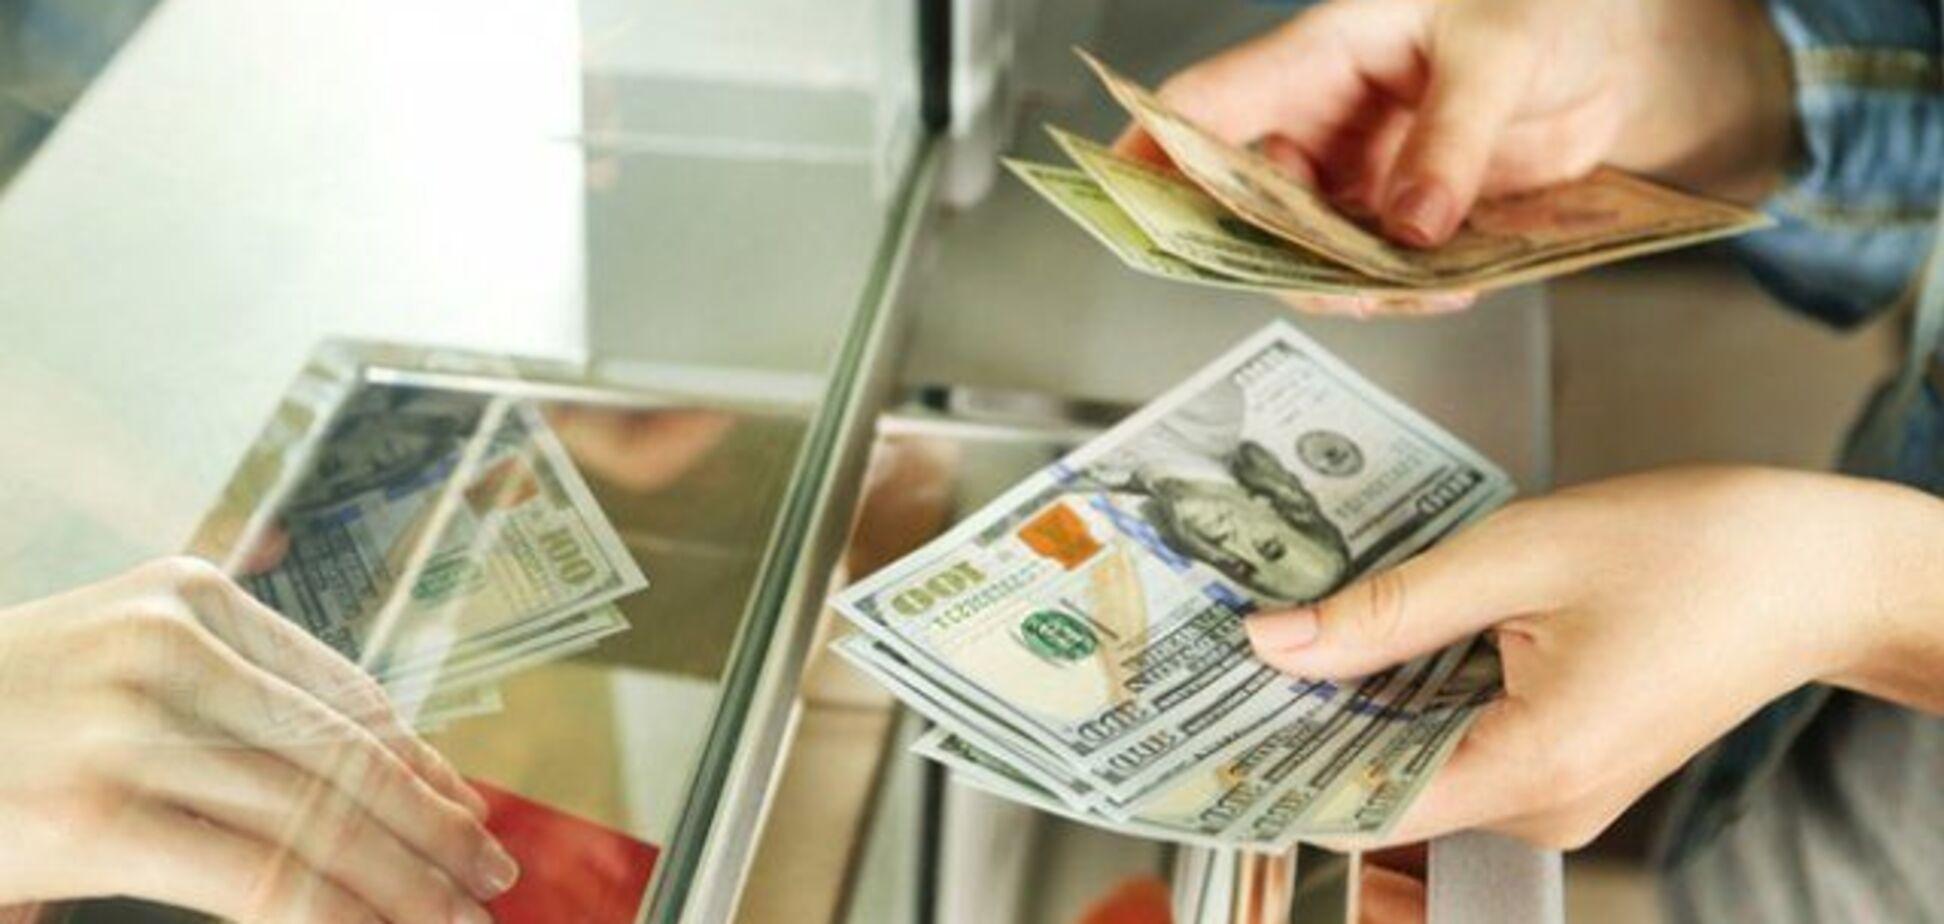 Доллар будет падать: миру предрекли глобальные изменения в 2019 году